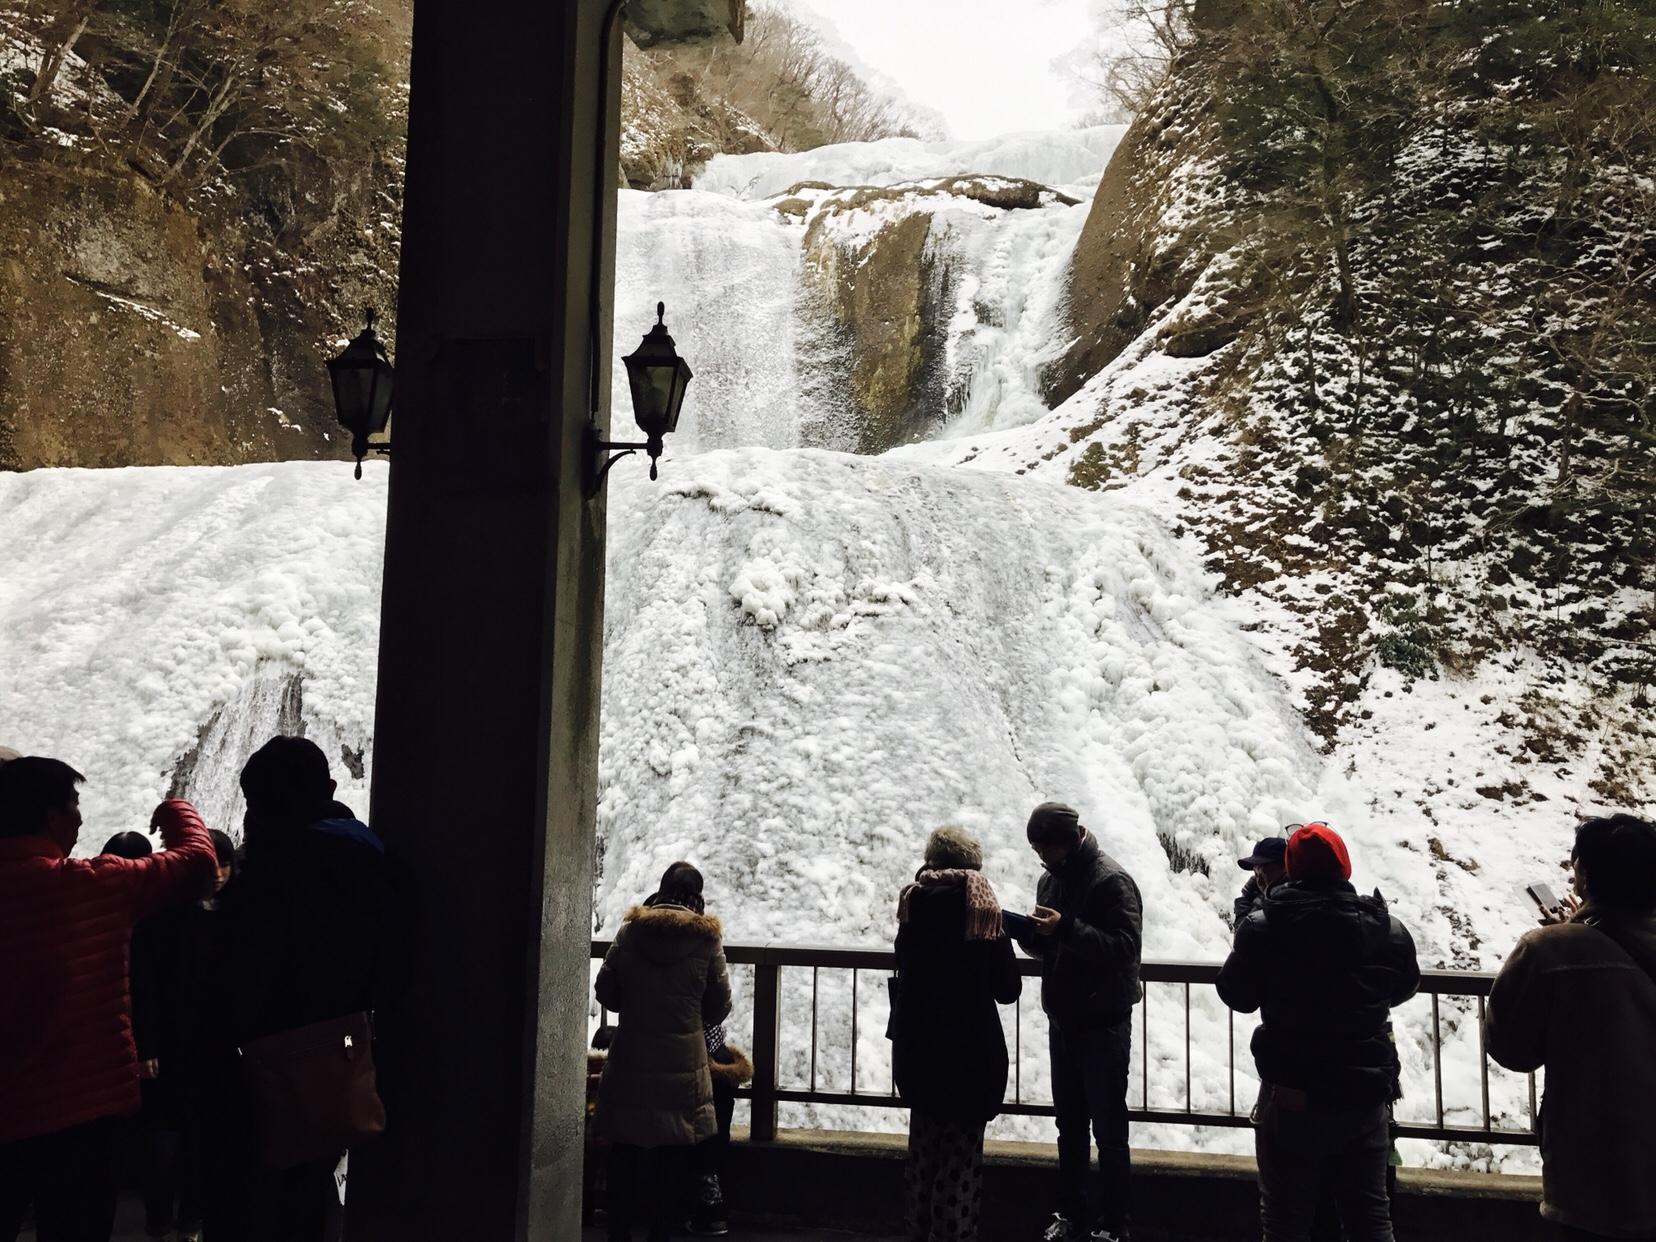 日本三大名瀑の袋田の滝に行って来ました。